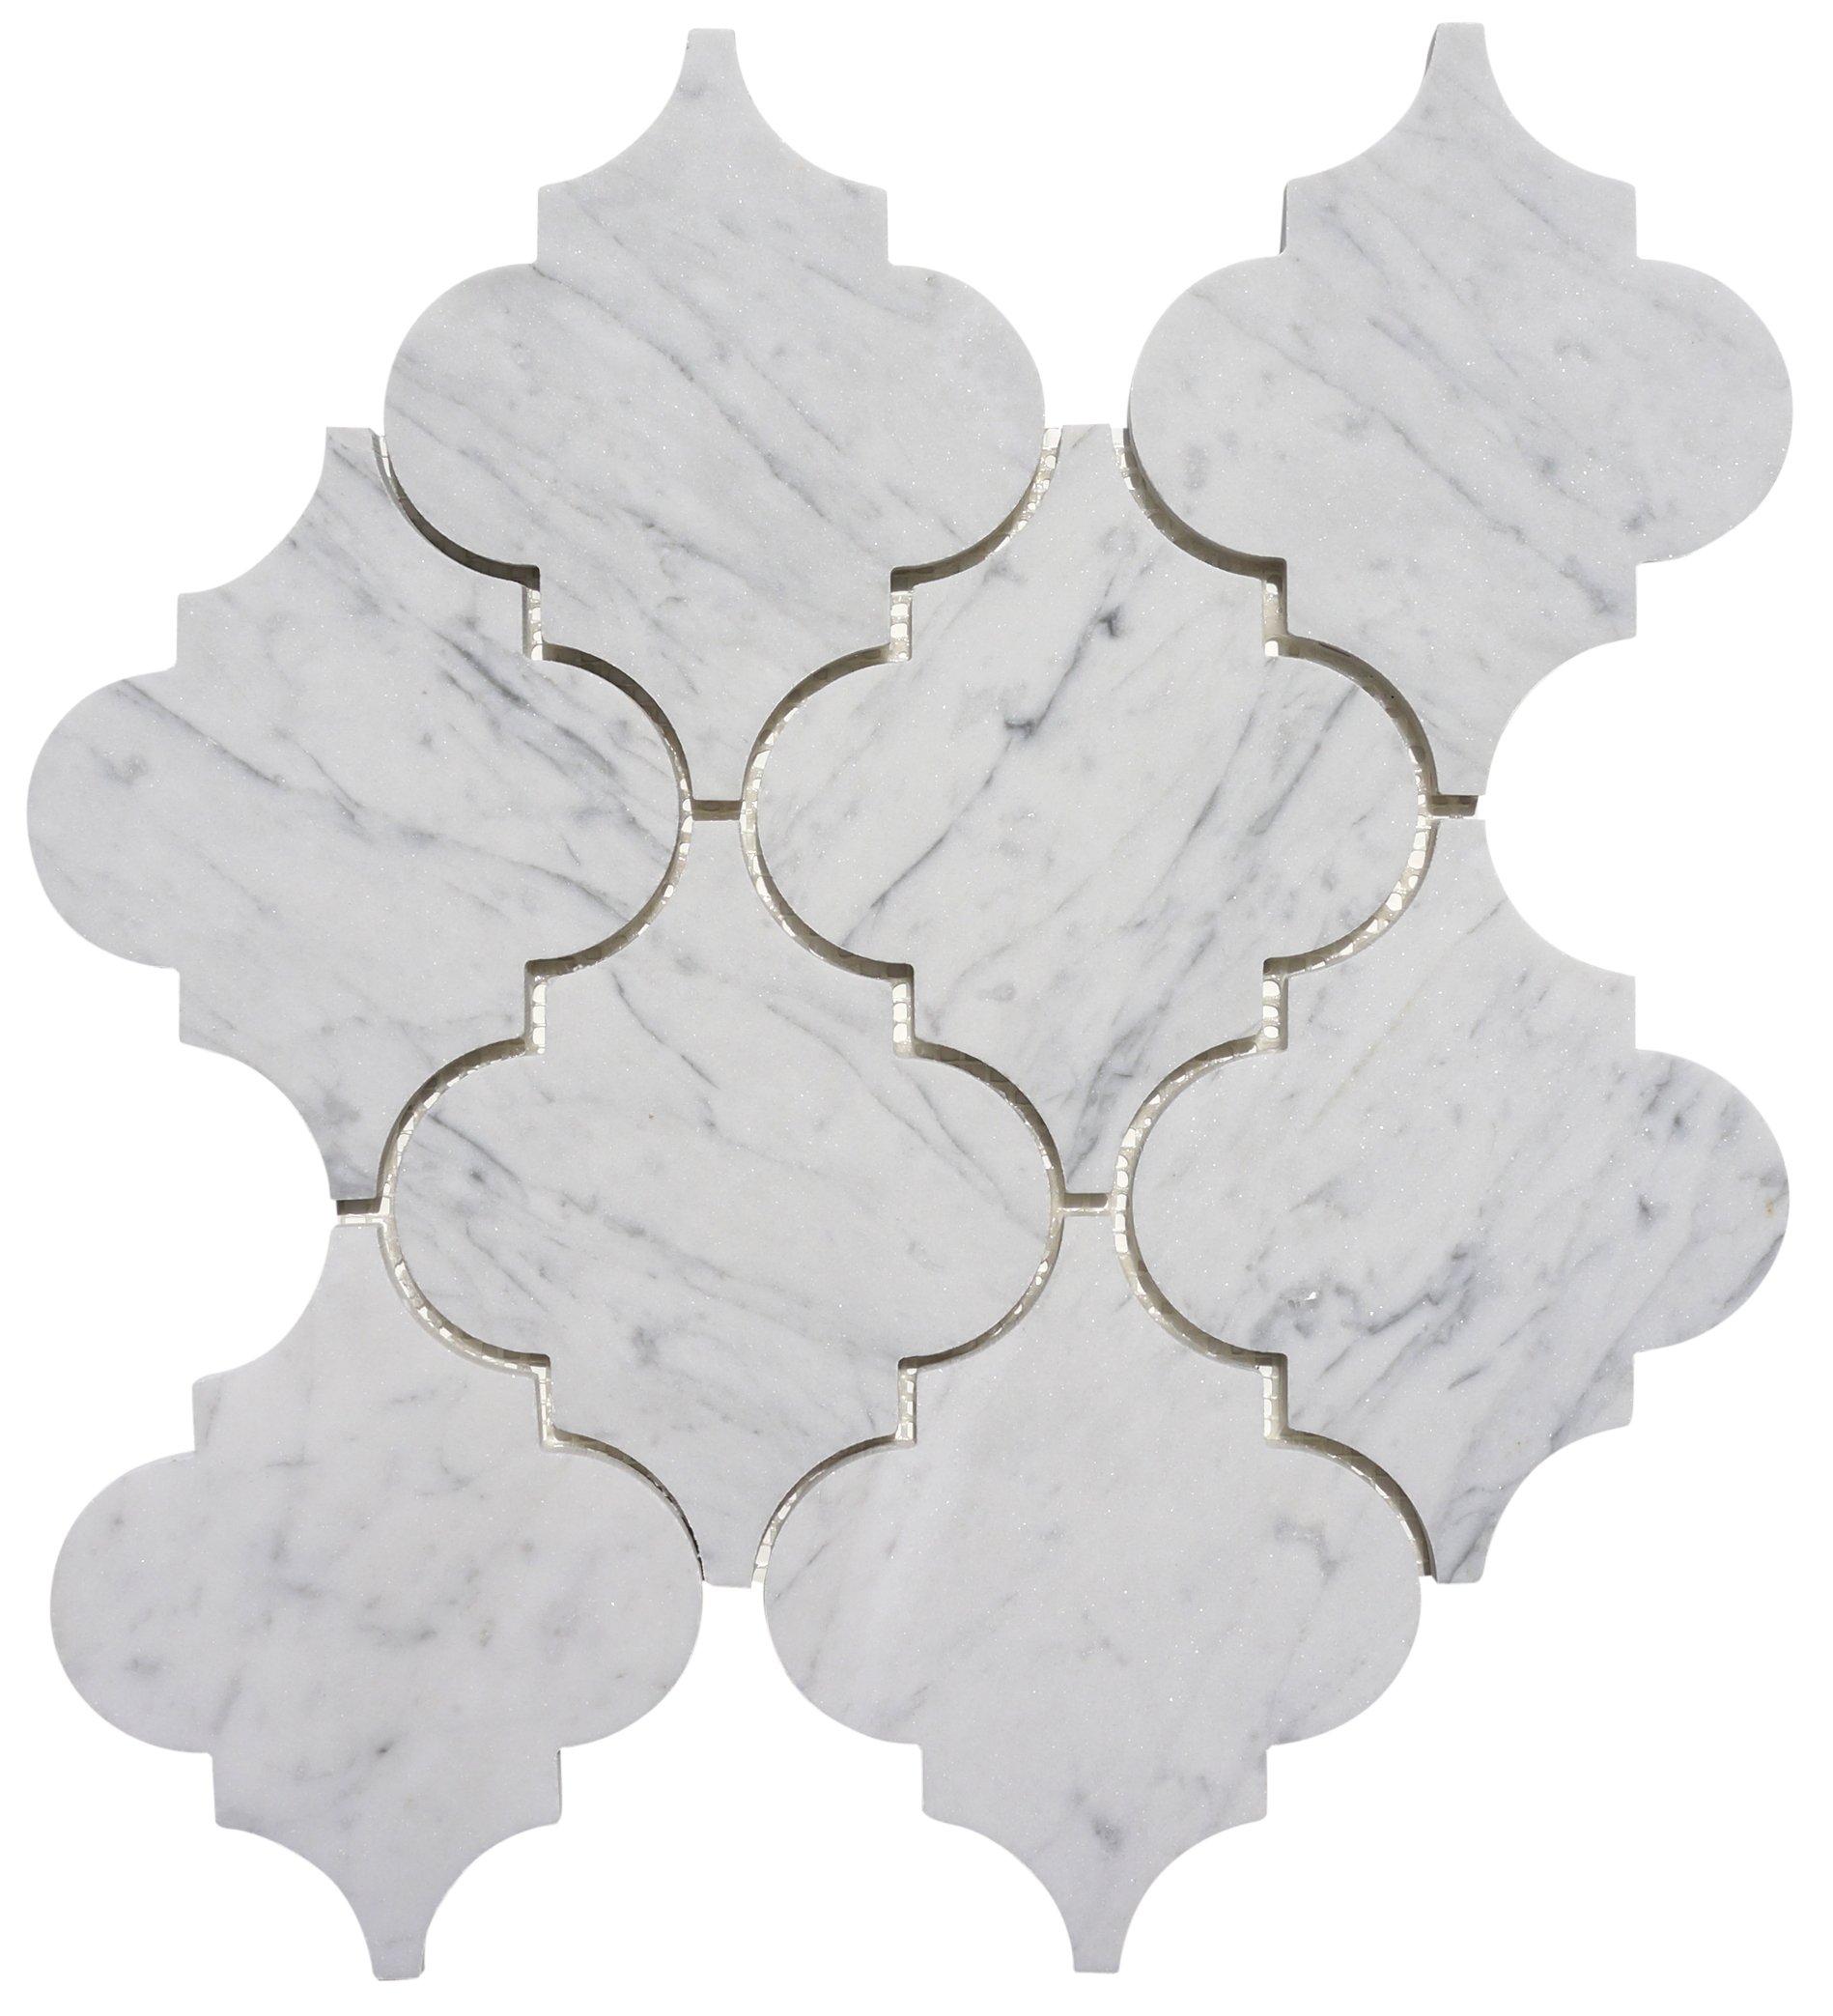 Italian Bianco Carrara (Carrera) White Marble LARGE Arabesque (Lantern) Mosaic Tile - Polished